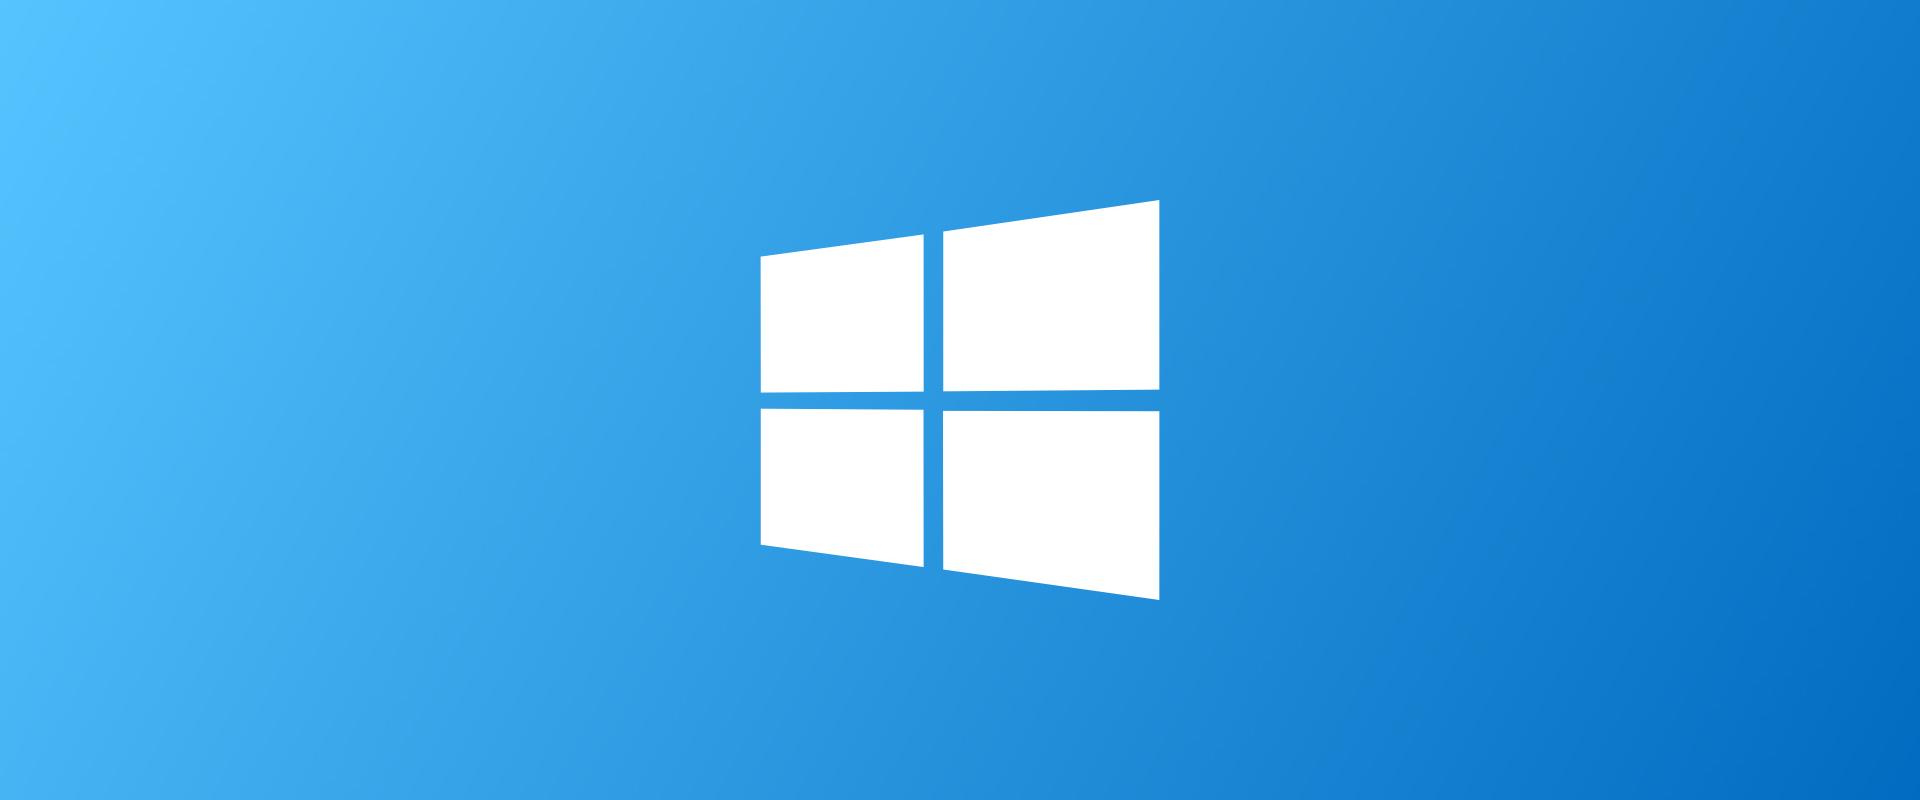 windows logo server